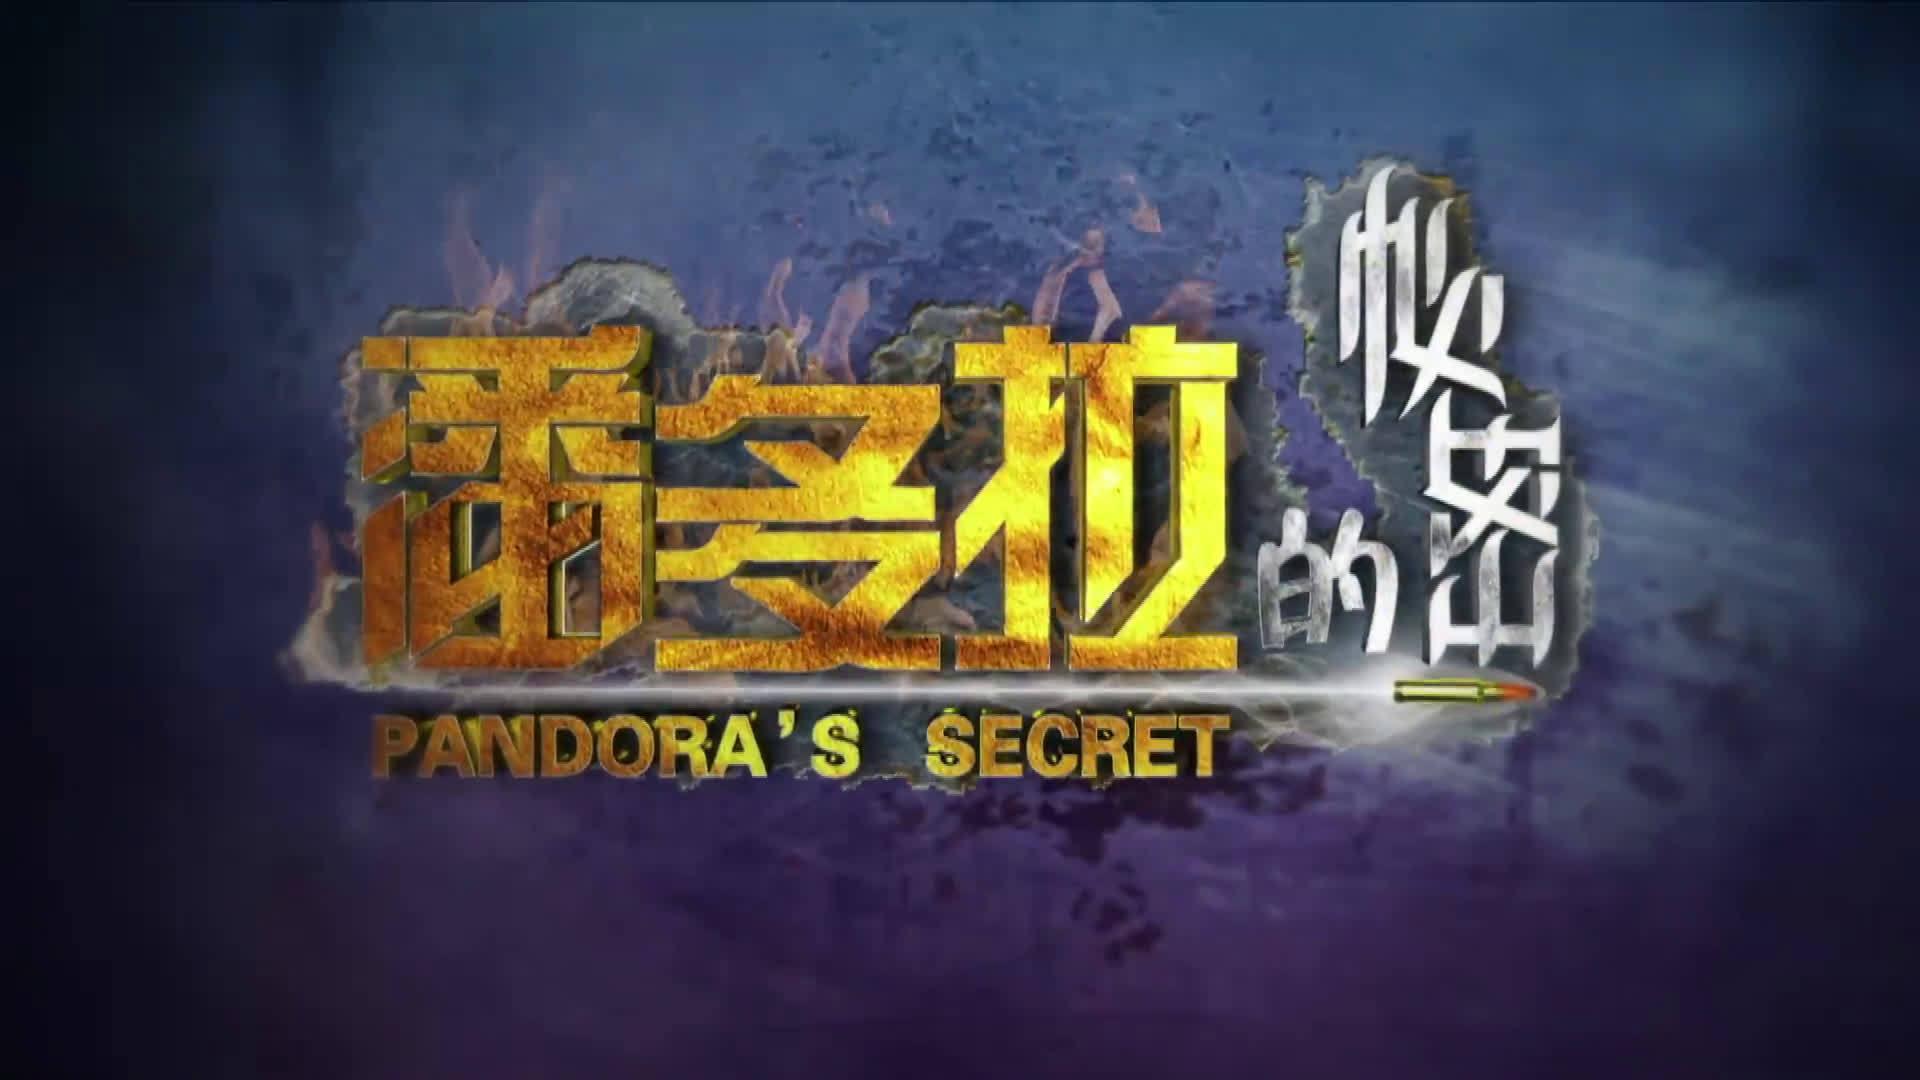 由@叶璇 @巫迪文Evan @张天其 @洪小鈴Ling @郝柏杰 等主演的《潘多拉的秘密》